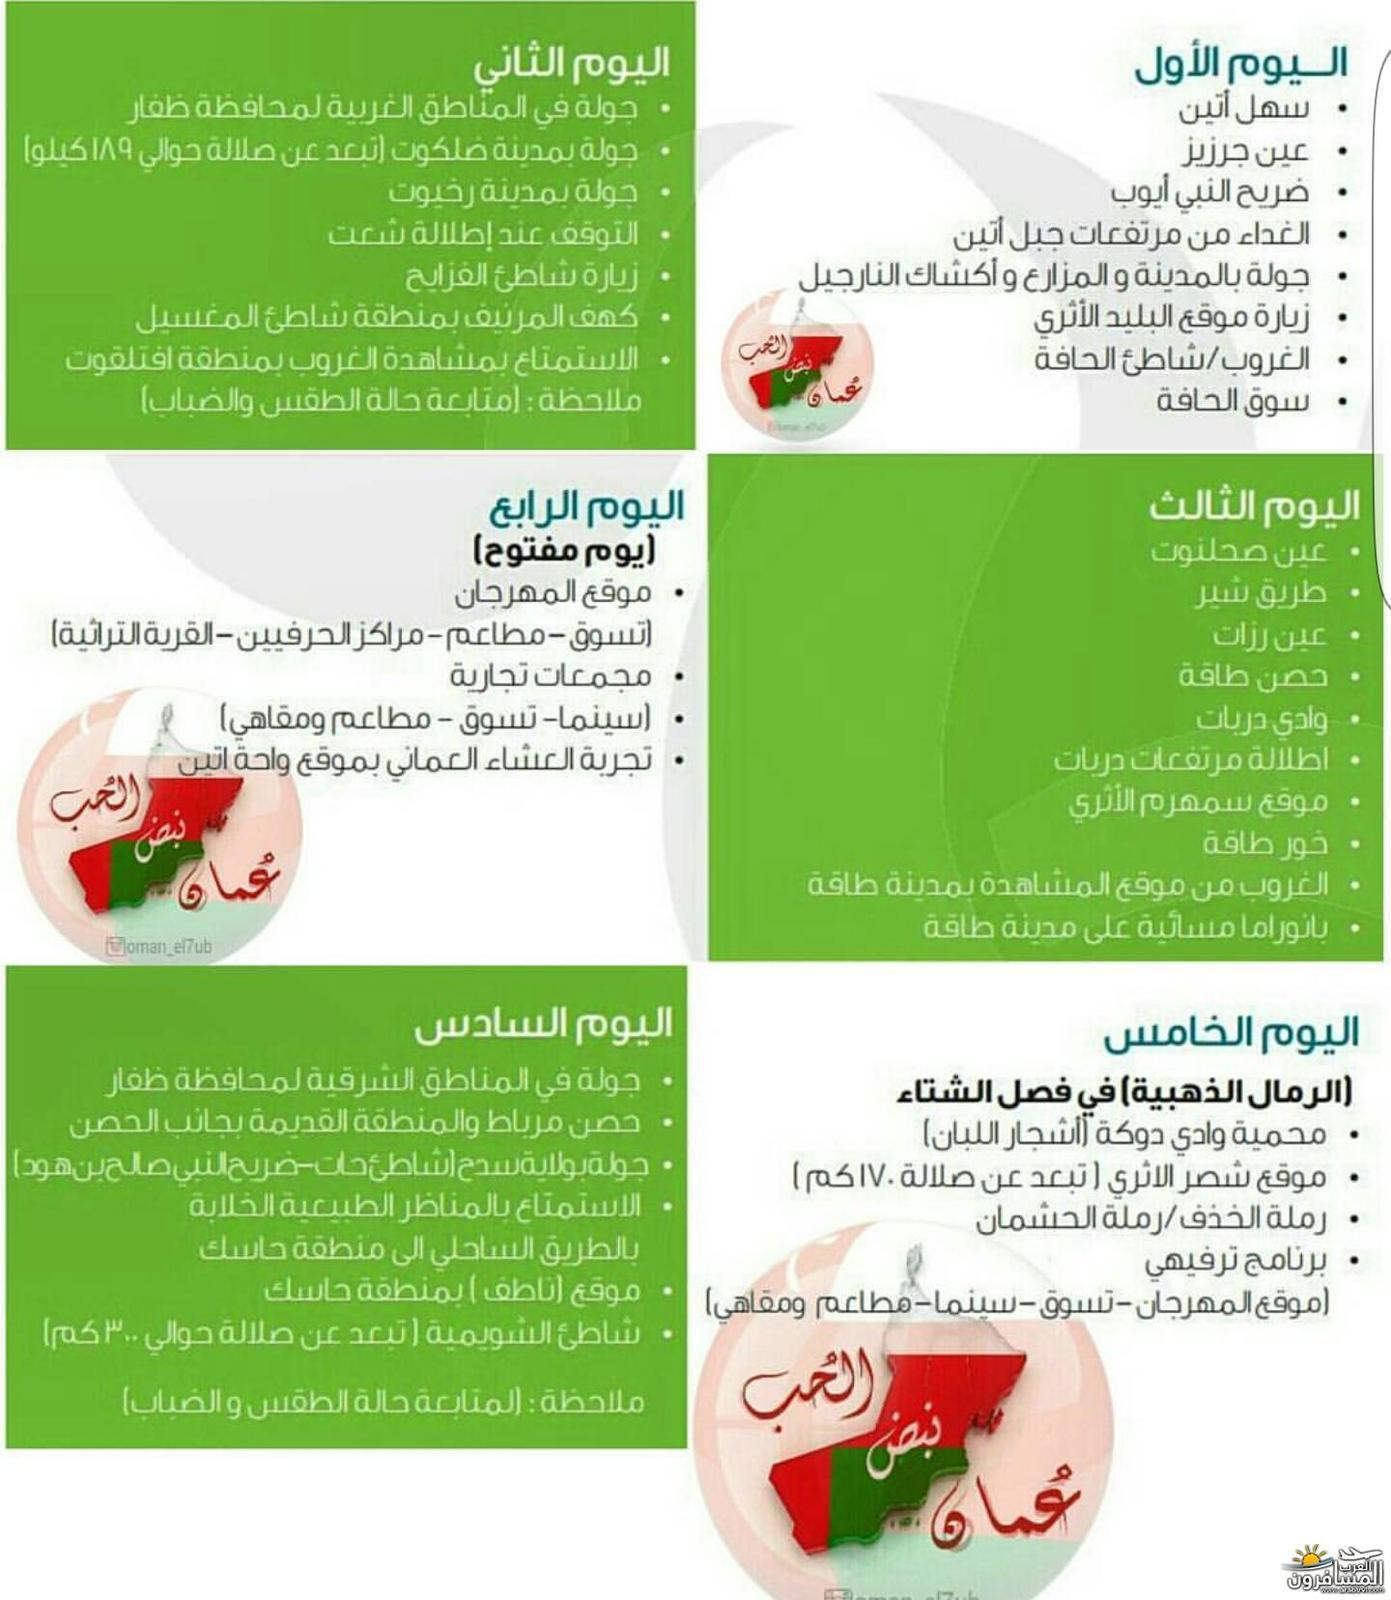 arabtrvl1469936056441.jpg